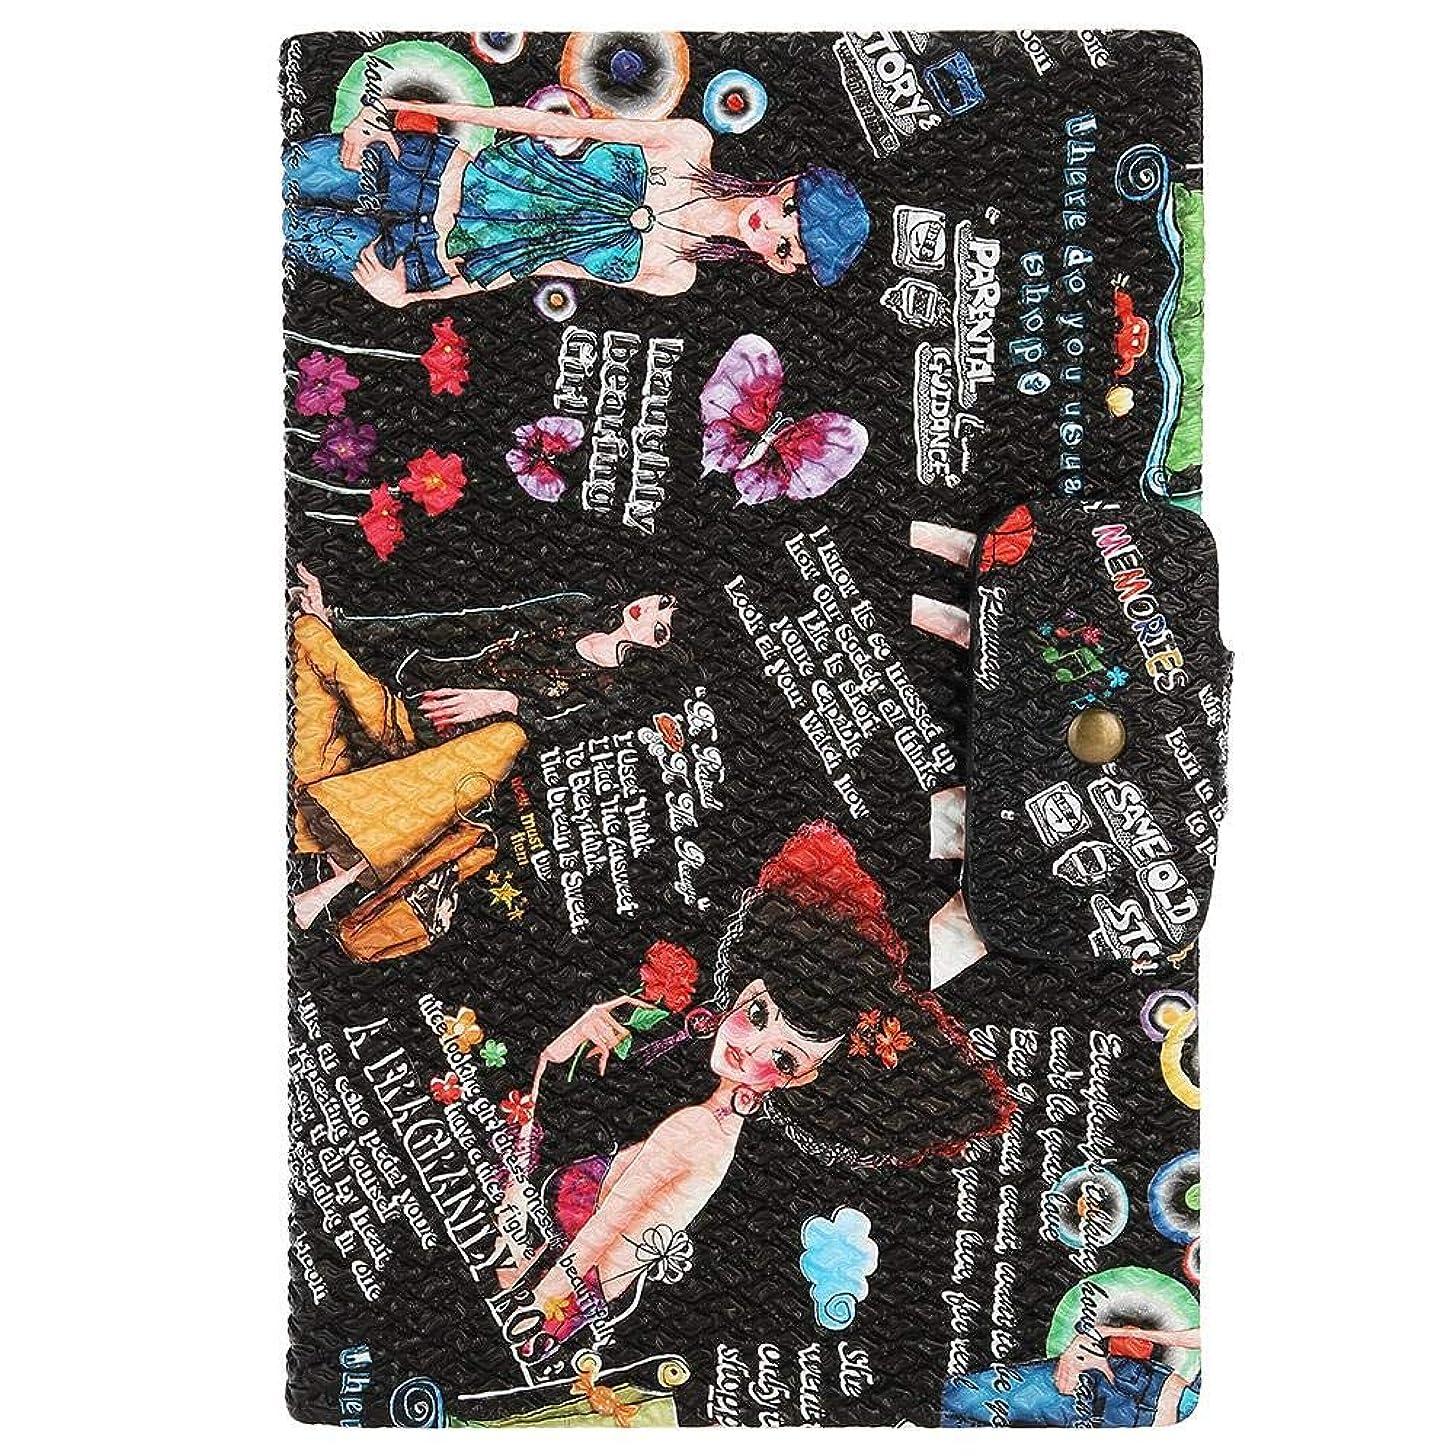 ディレクトリきょうだい評判ネイルアートディスプレイスタンド 160色表示 プラスチック板 ネイルポリッシュカラー ディスプレイ サロン アクセサリー(02)